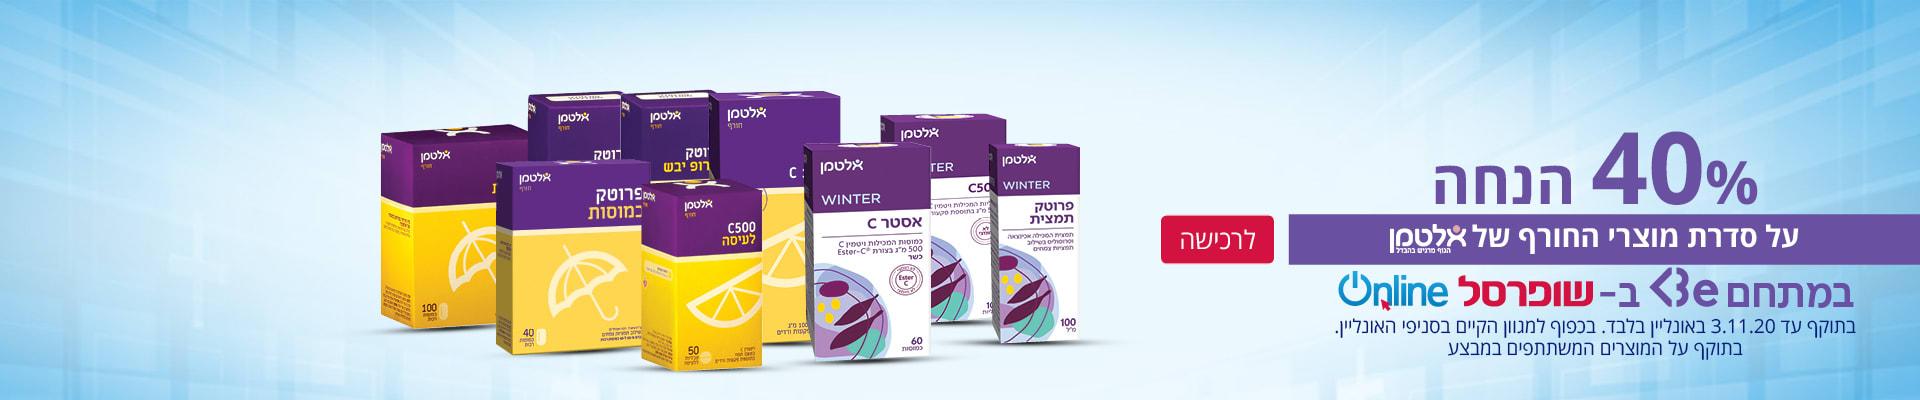 40% על סדרת מוצרי החורף של אלטמן בתוקף עד 3.11.20 באונליין בלבד. בכפוף למגוון הקיים בסניפי האונליין. בתוקף על המוצרים המשתתפים במבצע